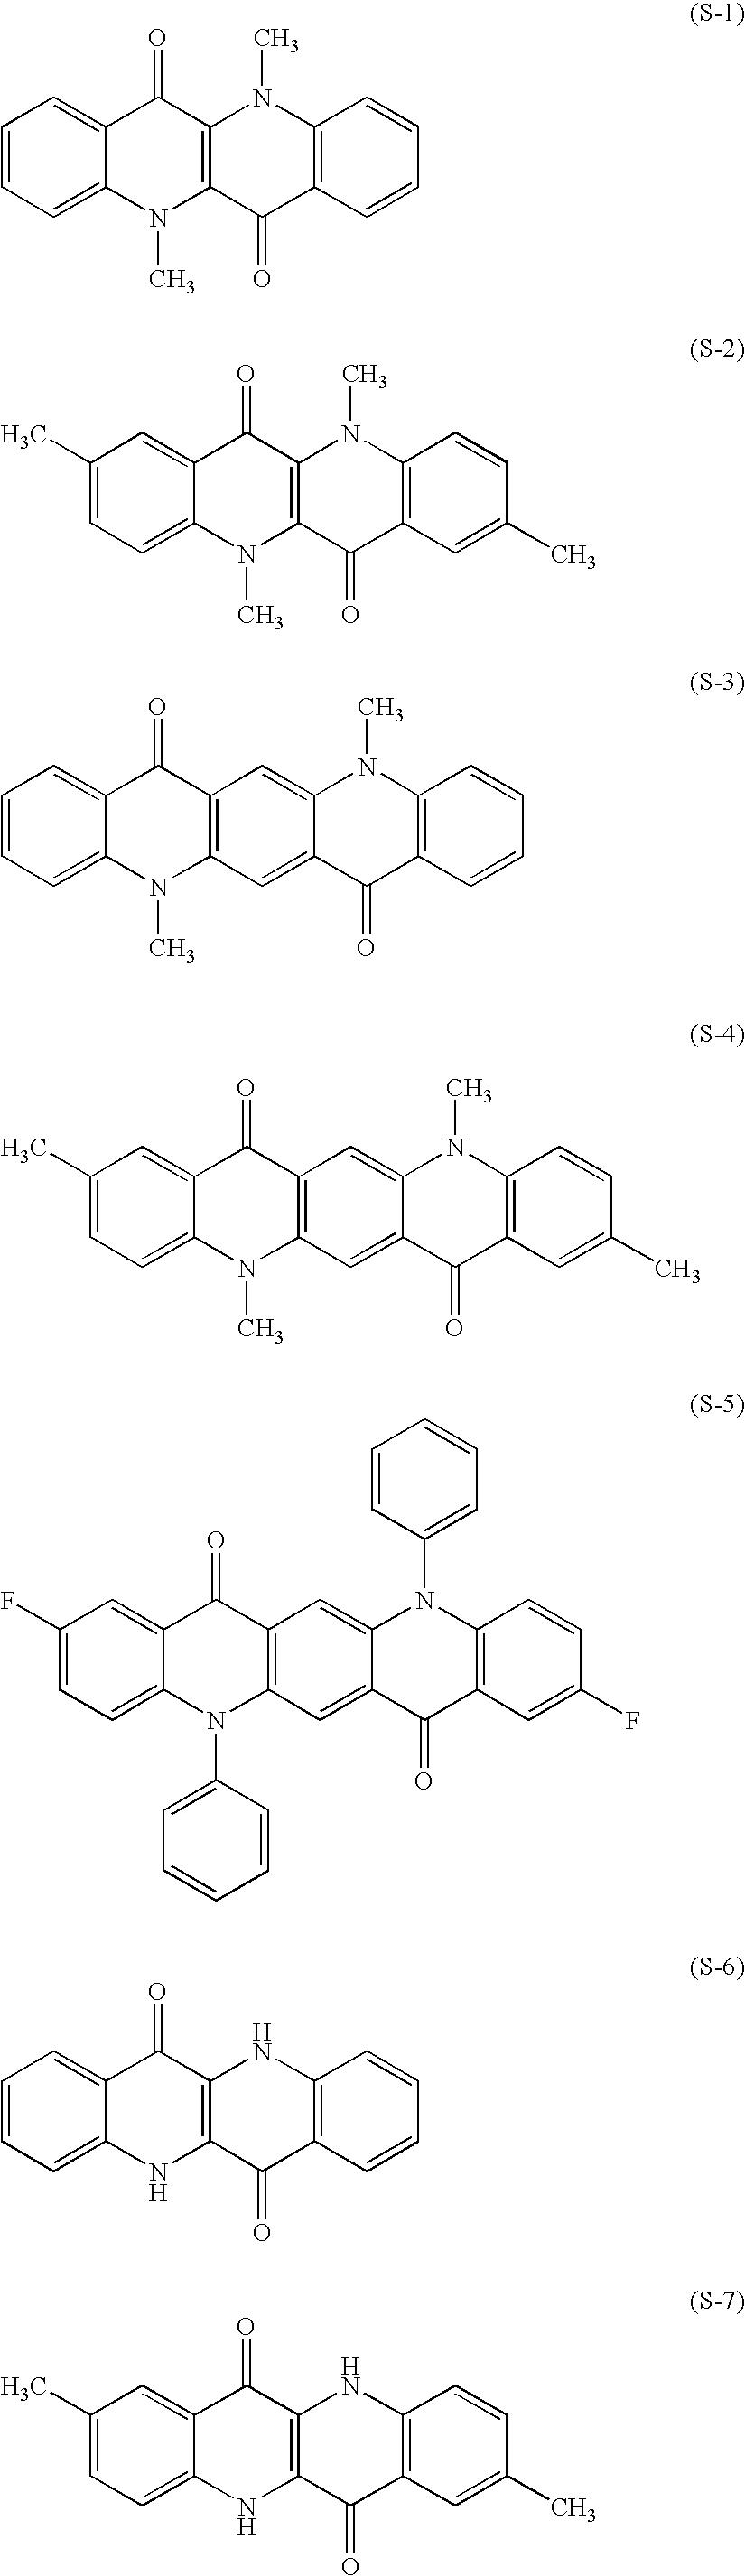 Figure US07683365-20100323-C00005